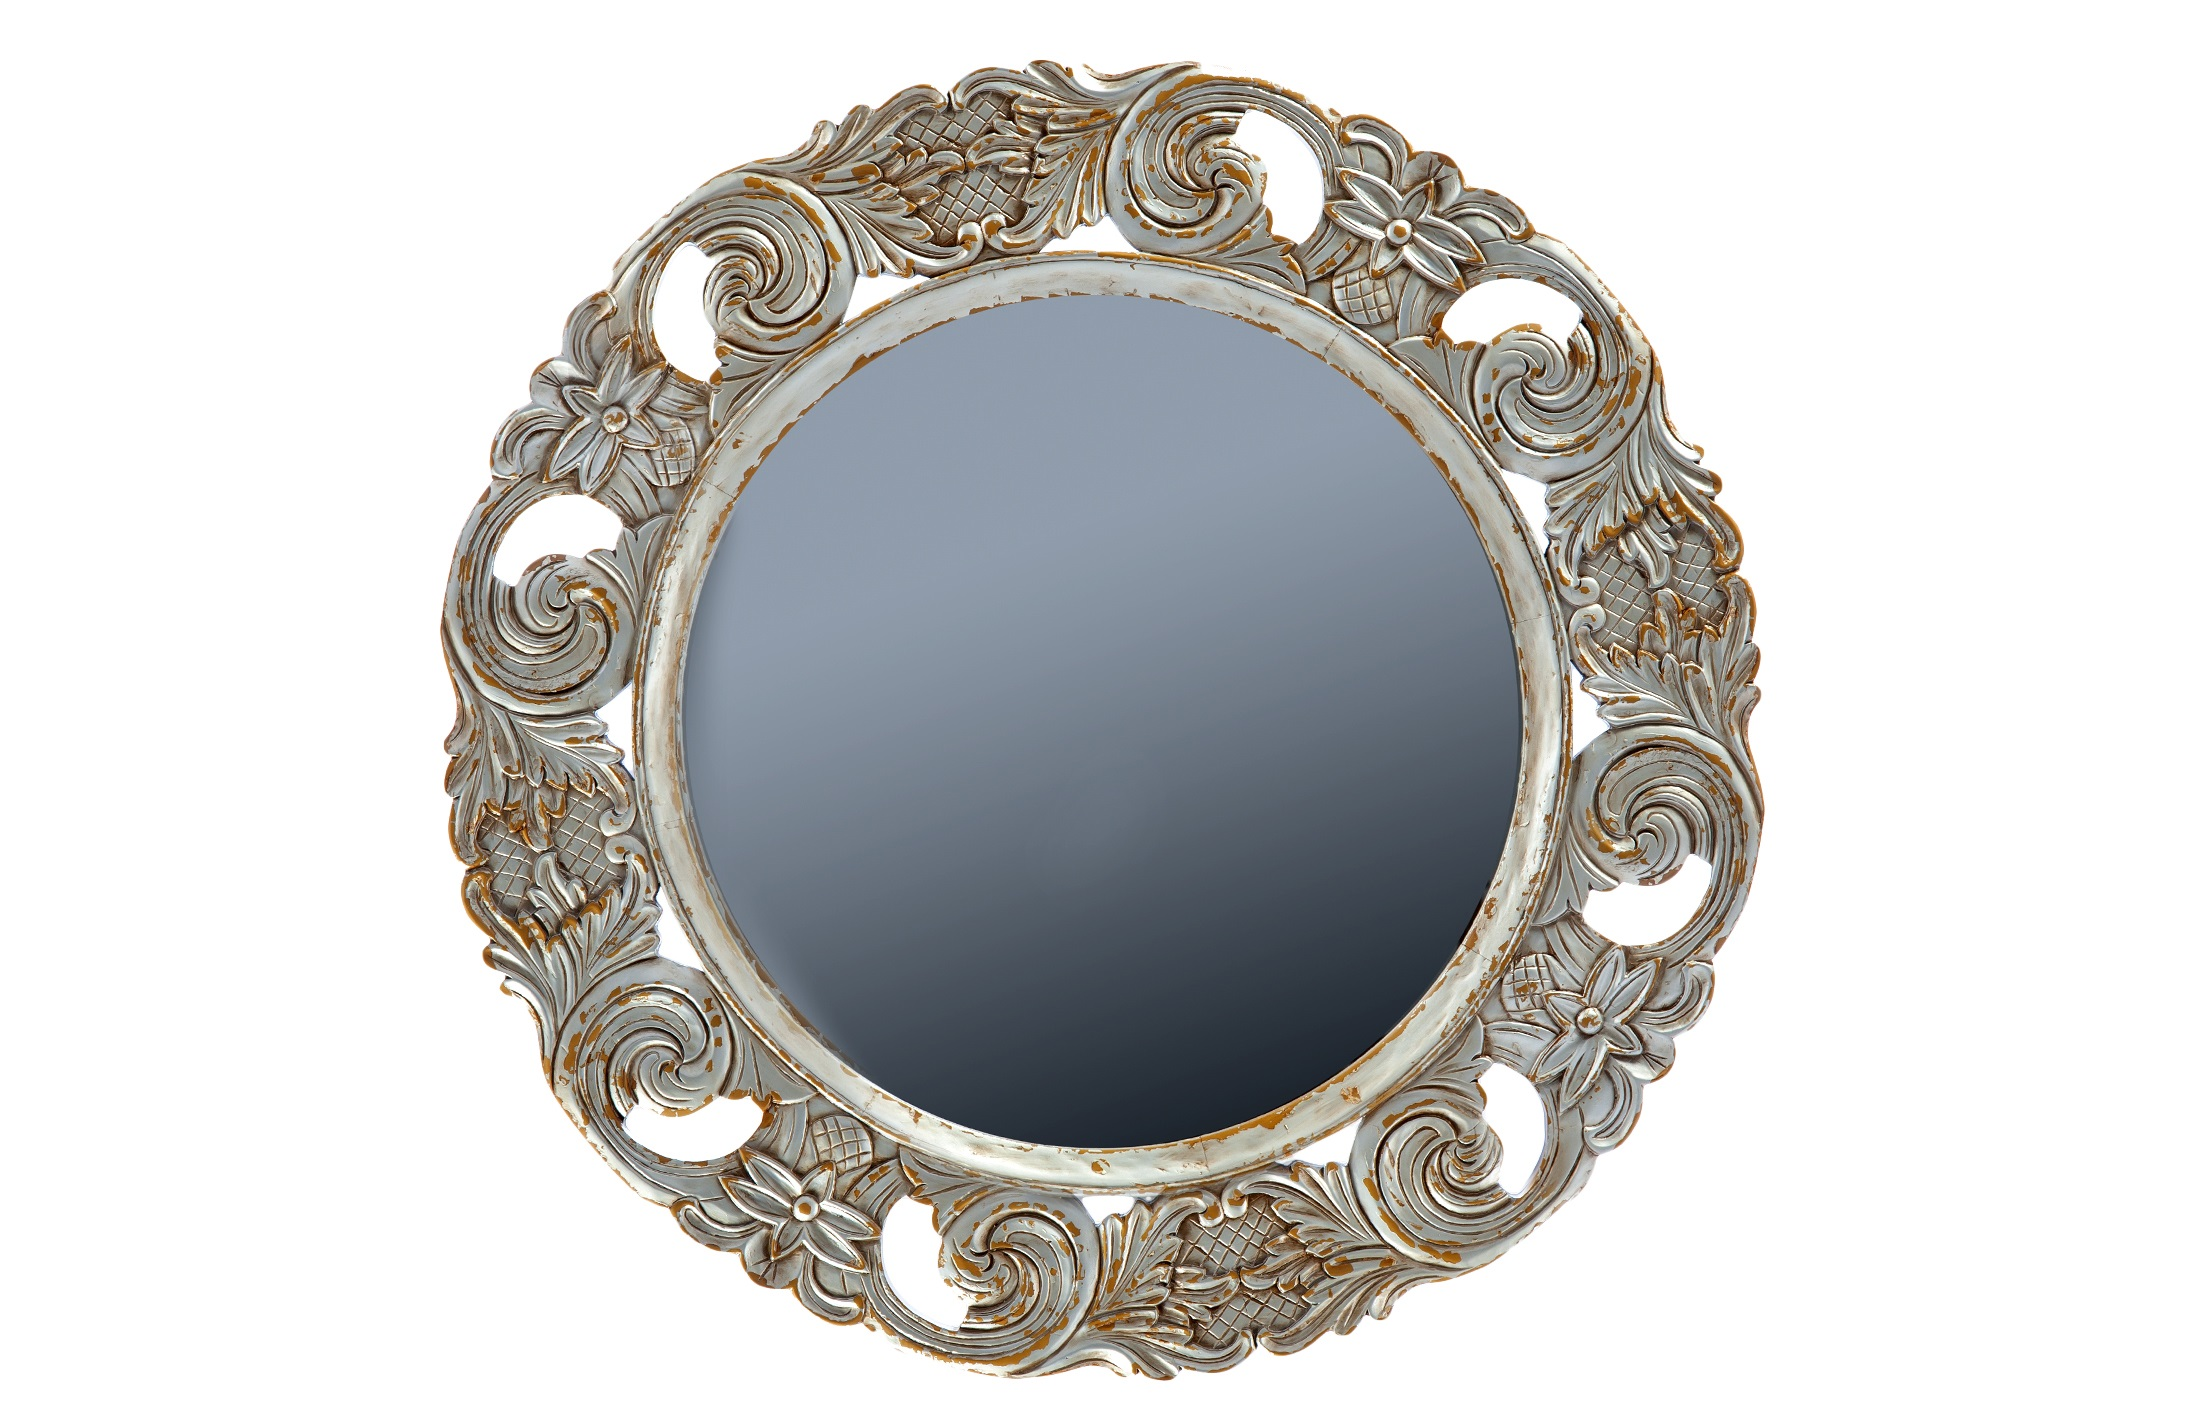 Зеркало «Барокко»Настенные зеркала<br>Круглое зеркало в стиле барокко, украшено резьбой и старением.<br><br>Material: Красное дерево<br>Diameter см: 110